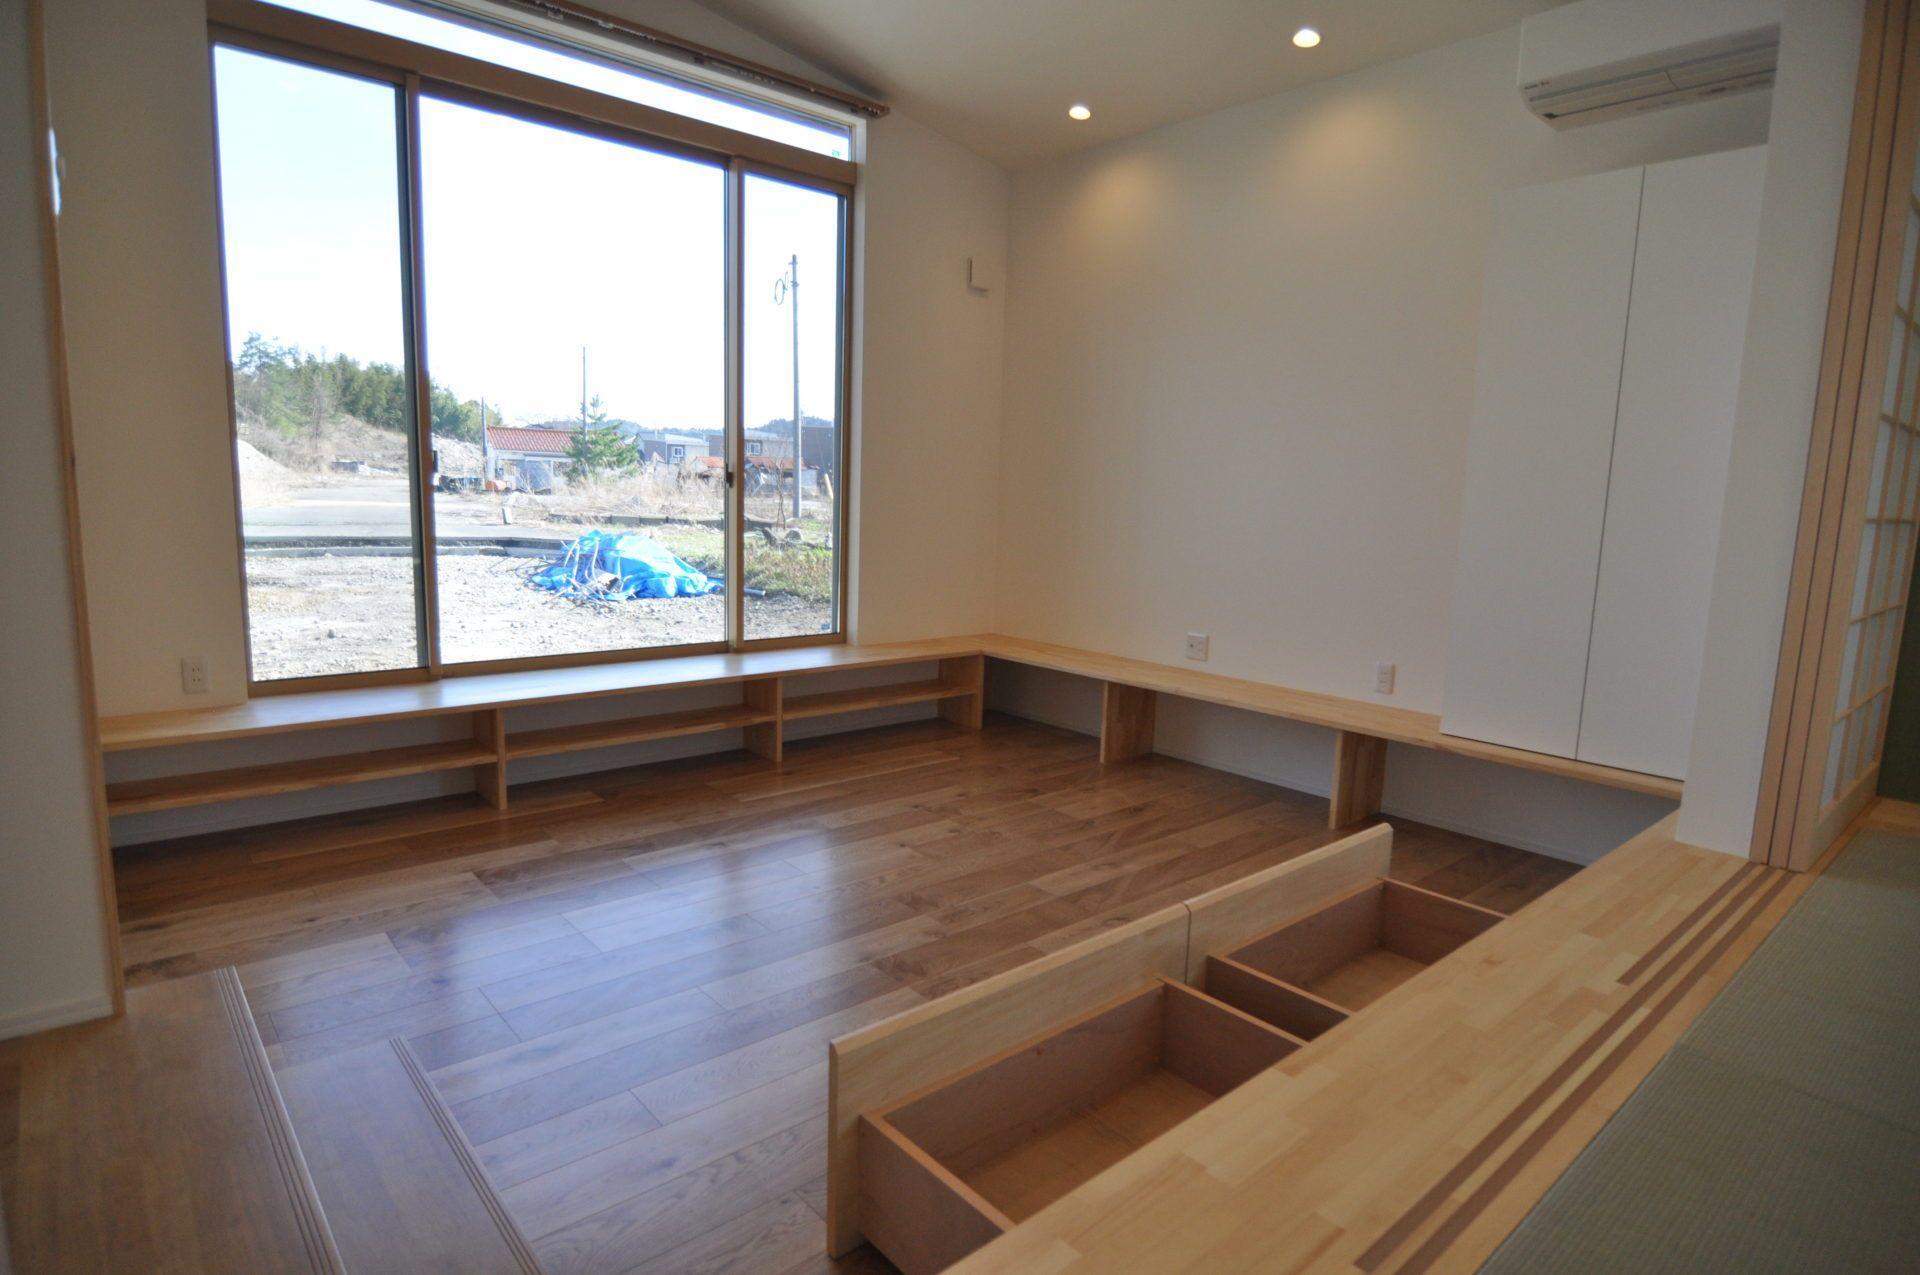 有限会社 市川建築店 1級建築士事務所「加茂市 Y様邸」のシンプル・ナチュラル・モダンなリビング・ダイニングの実例写真